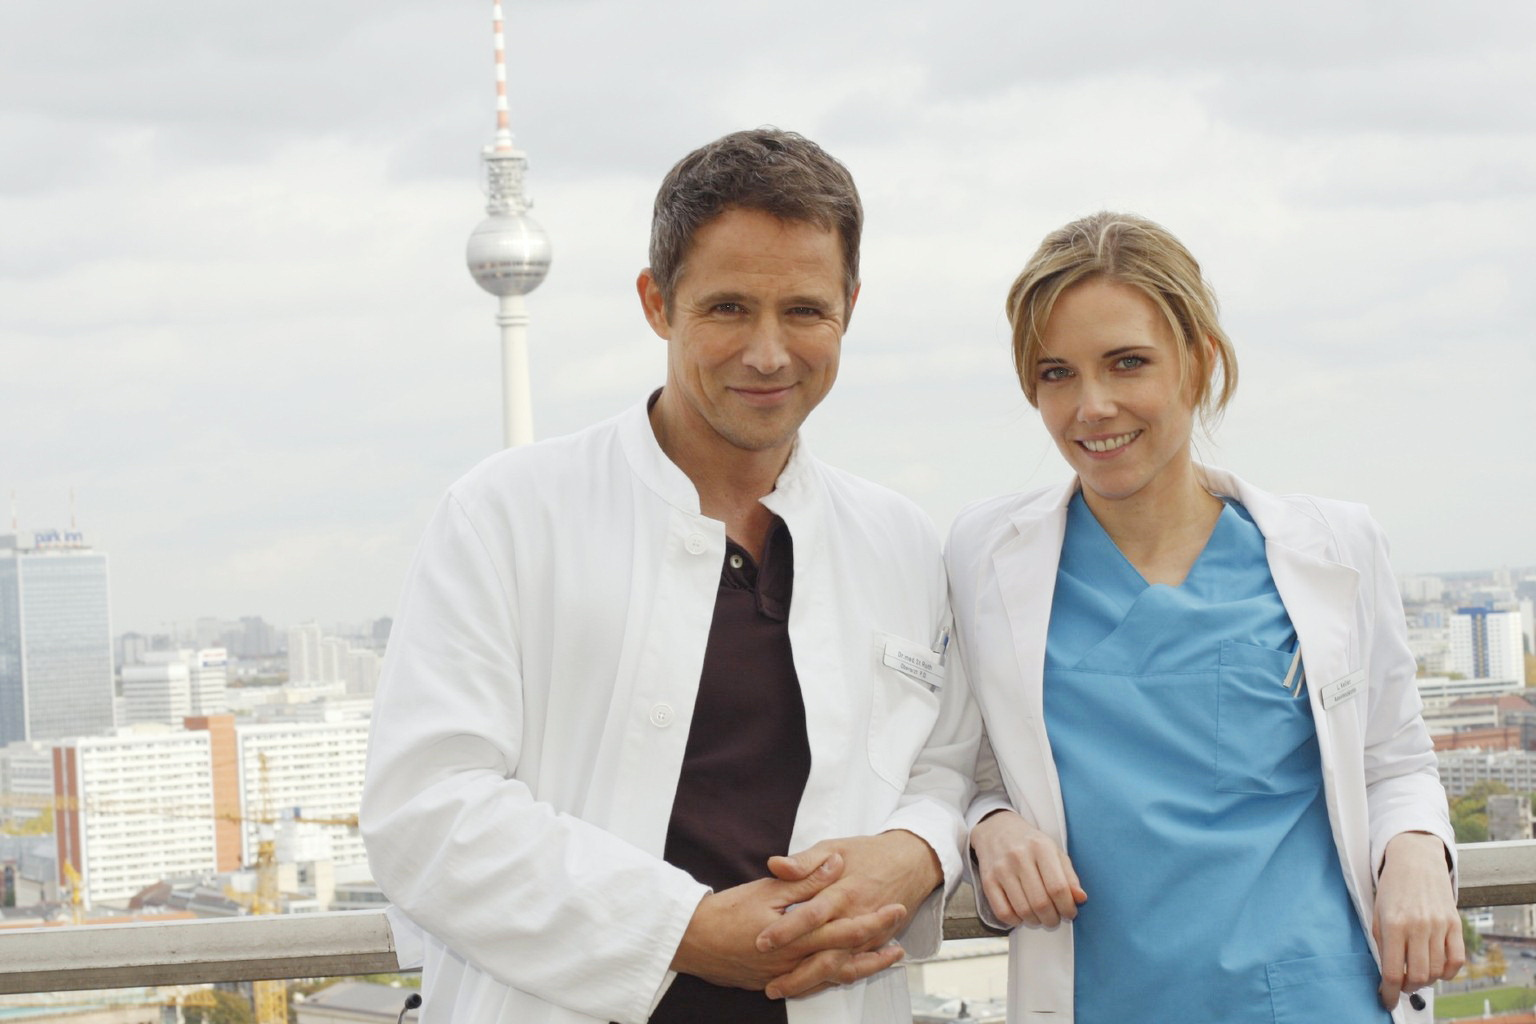 Klinik am Alex Serie · KINO.de